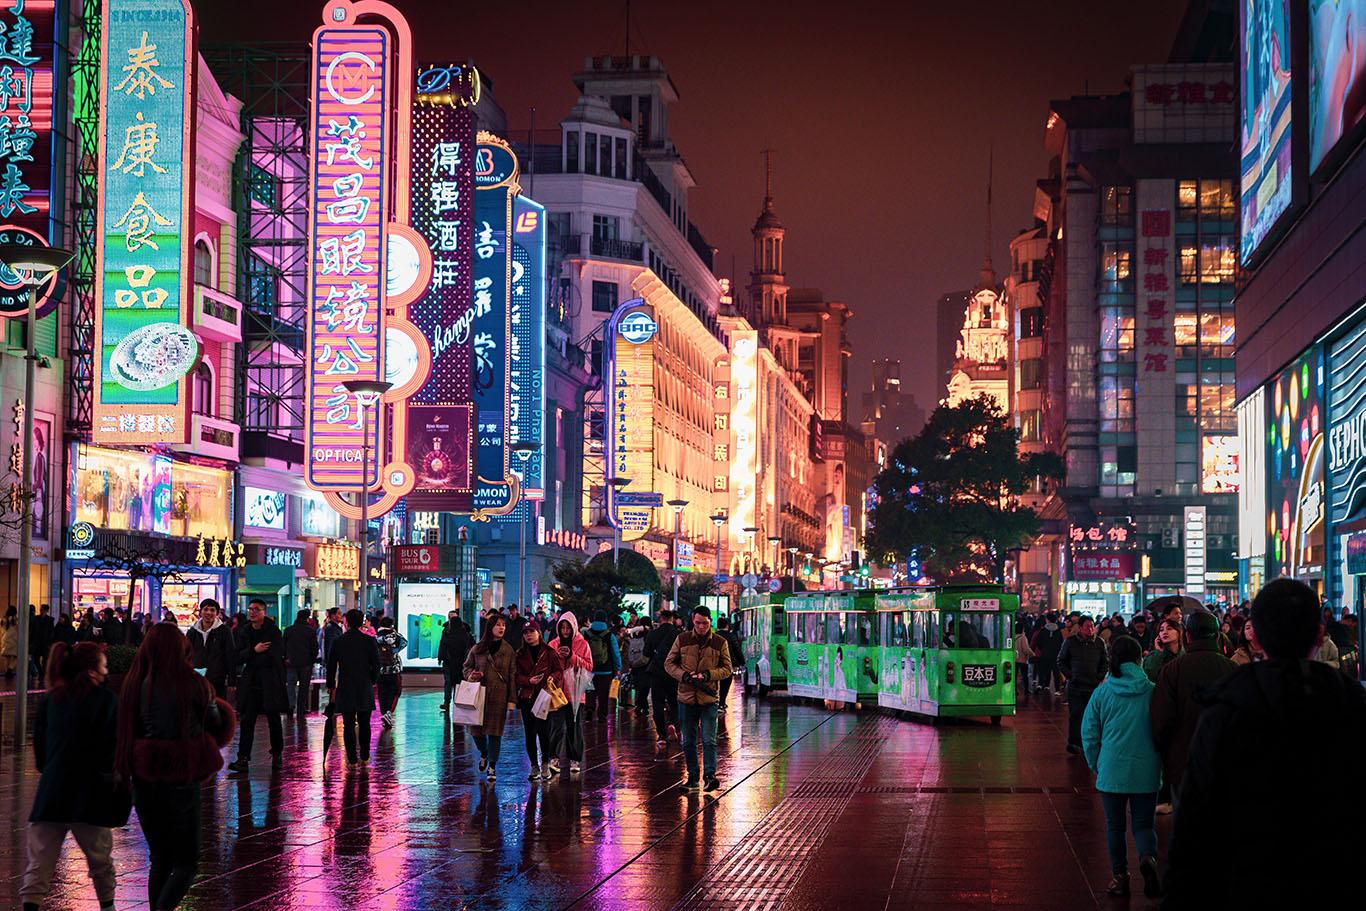 A street in Guo Tai Lao Long Tang Lv Guan, Huangpu Qu, Shanghai Shi, China